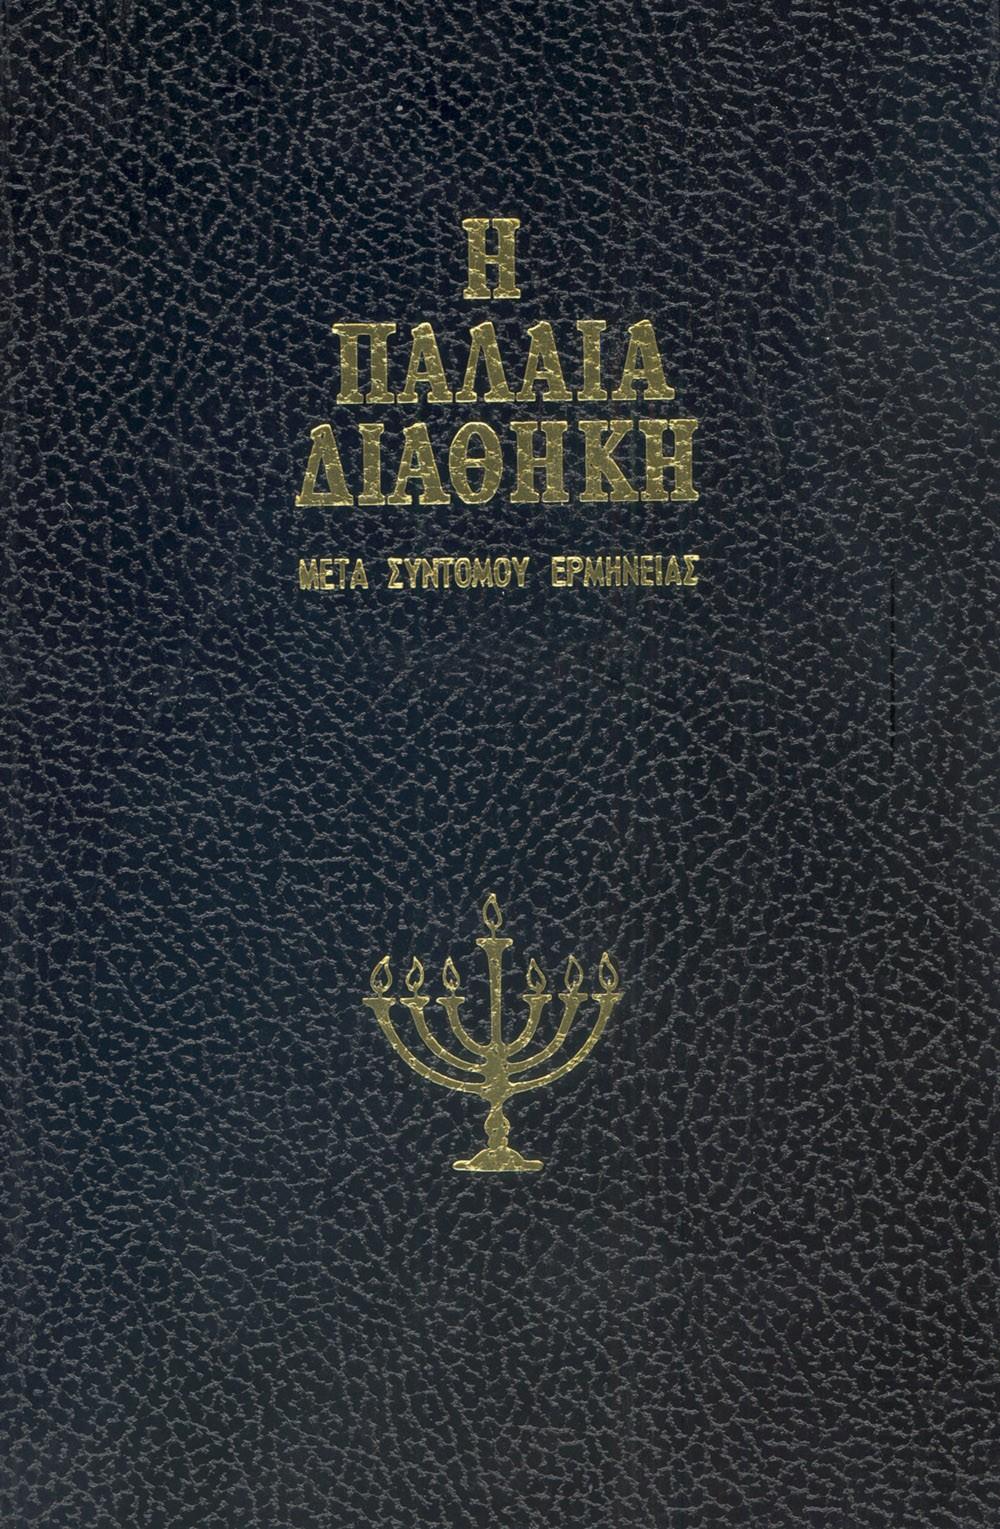 Παλαιά Διαθήκη ΠΑΛΑΙΑ ΔΙΑΘΗΚΗ Τόμος Β΄ ΕΞΟΔΟΣ - ΛΕΥΪΤΙΚΟΝ